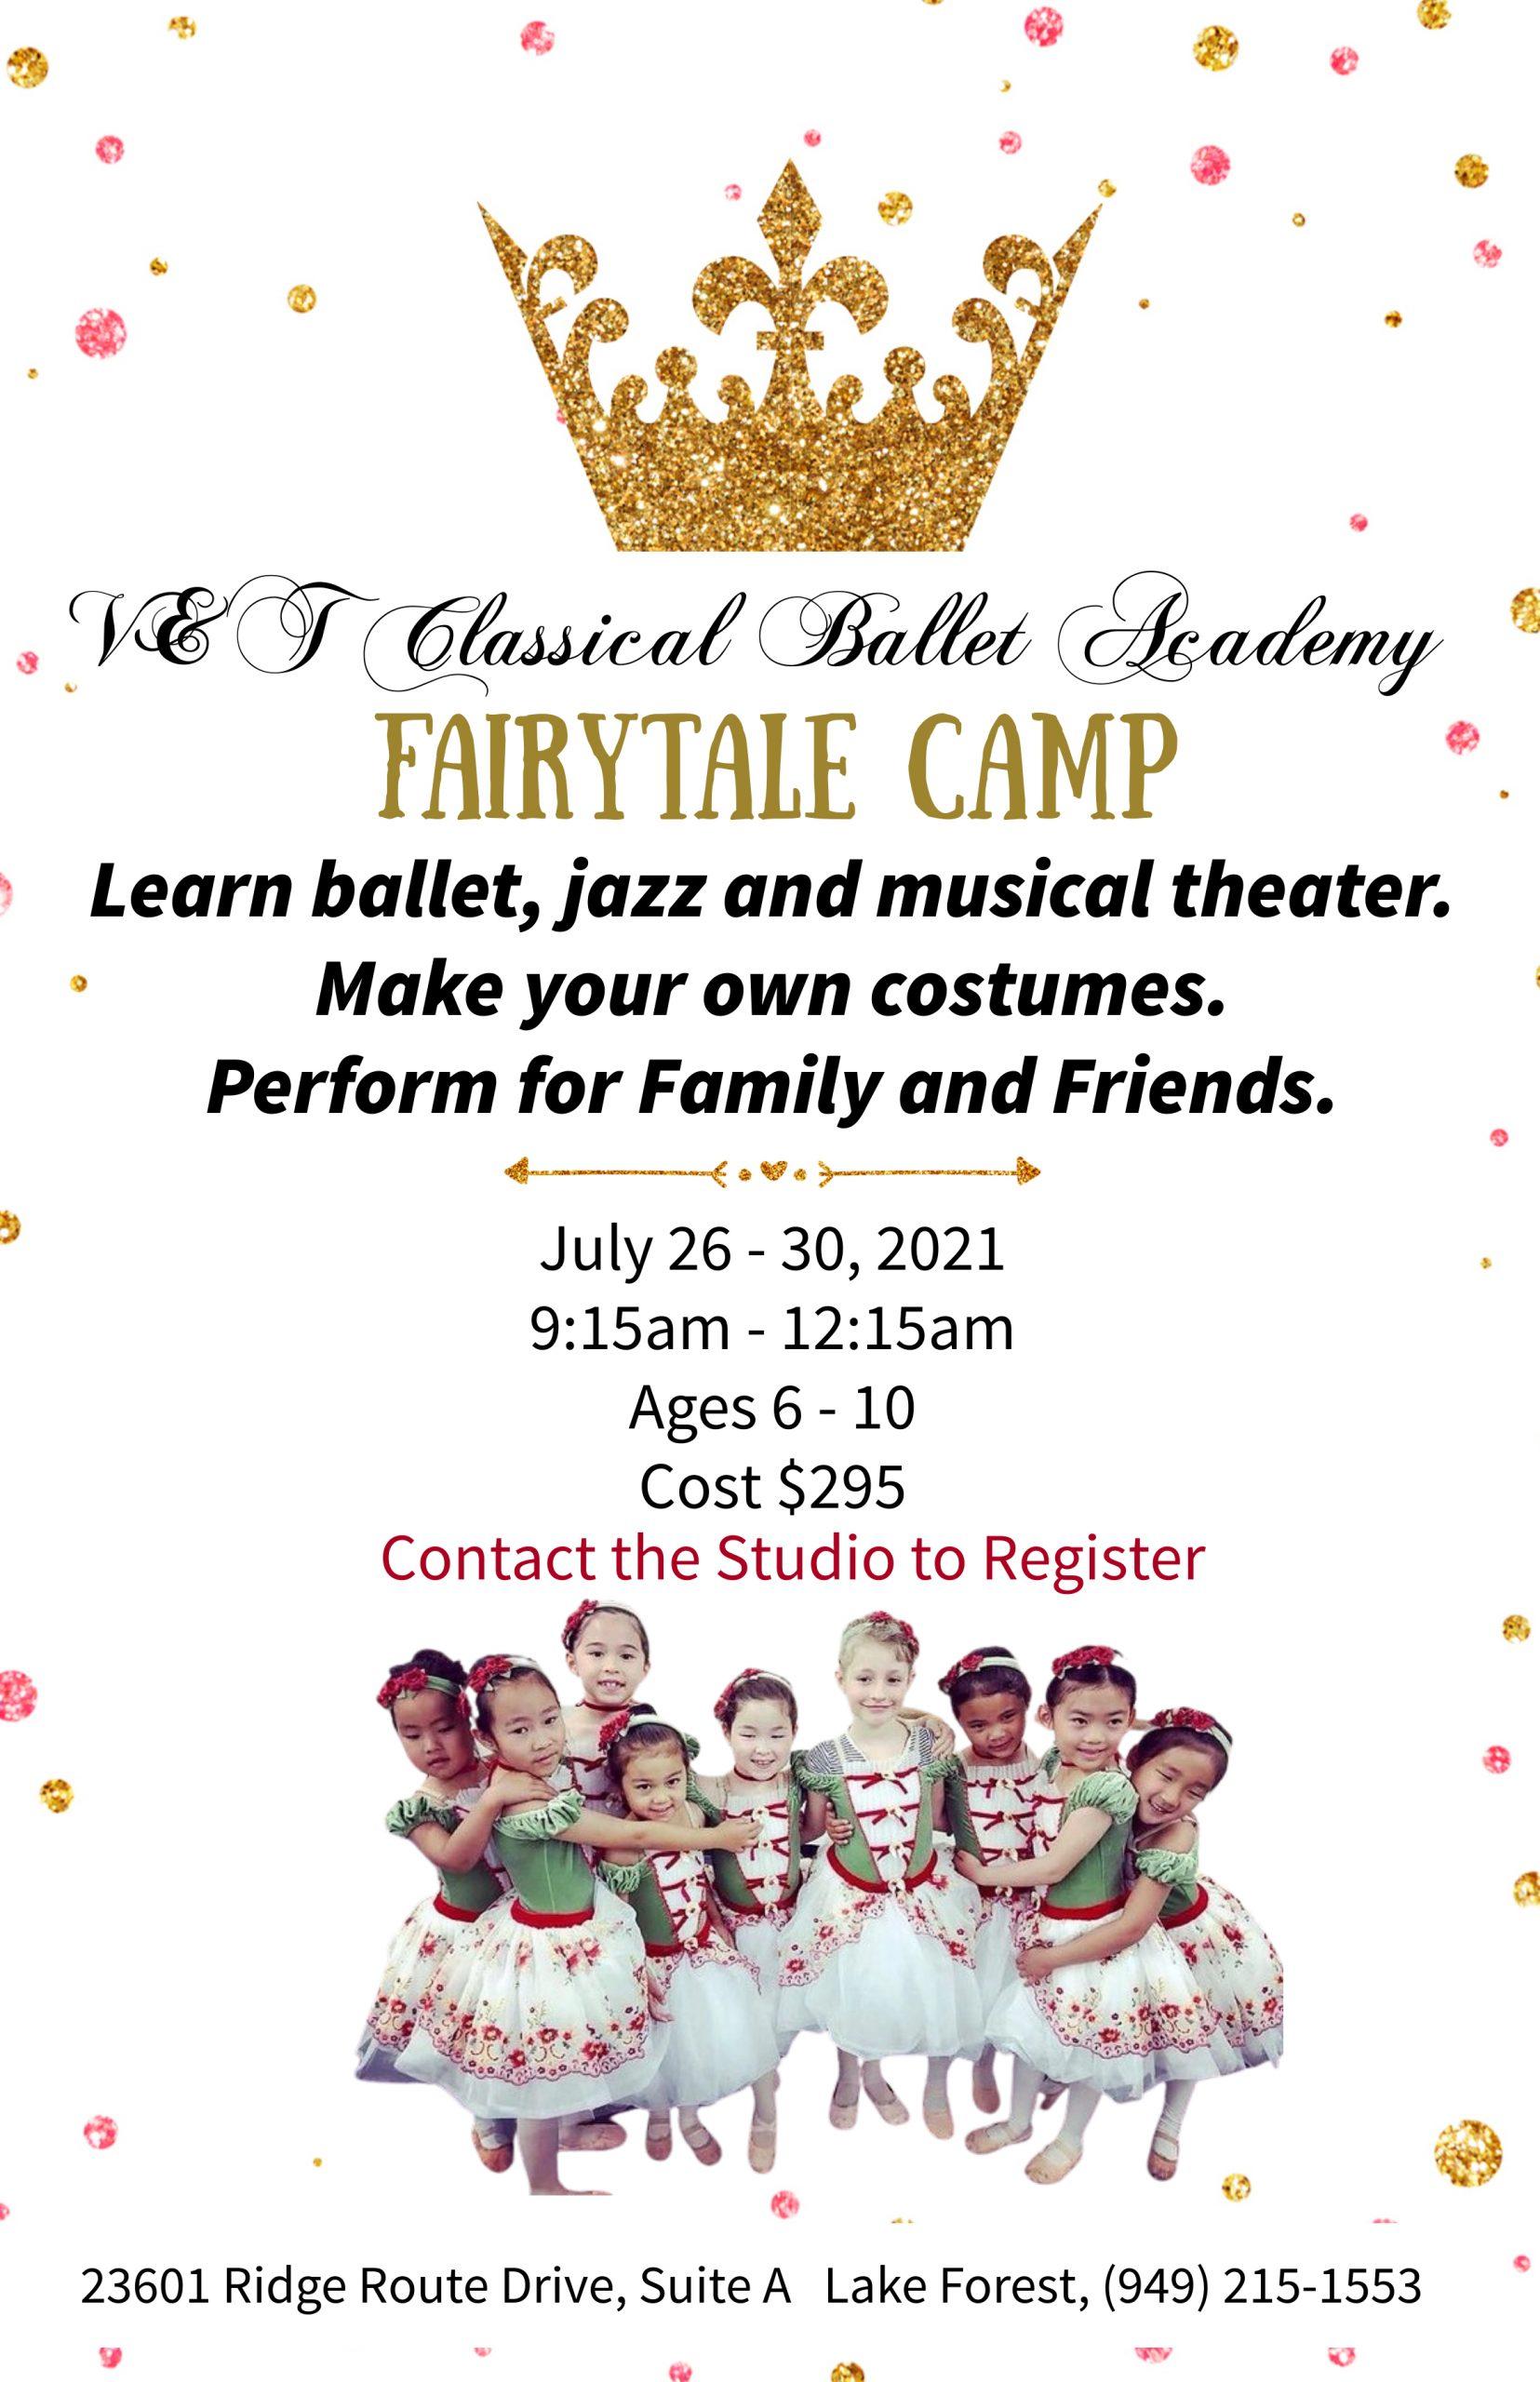 V & T Dance Academy Fairytale Camp